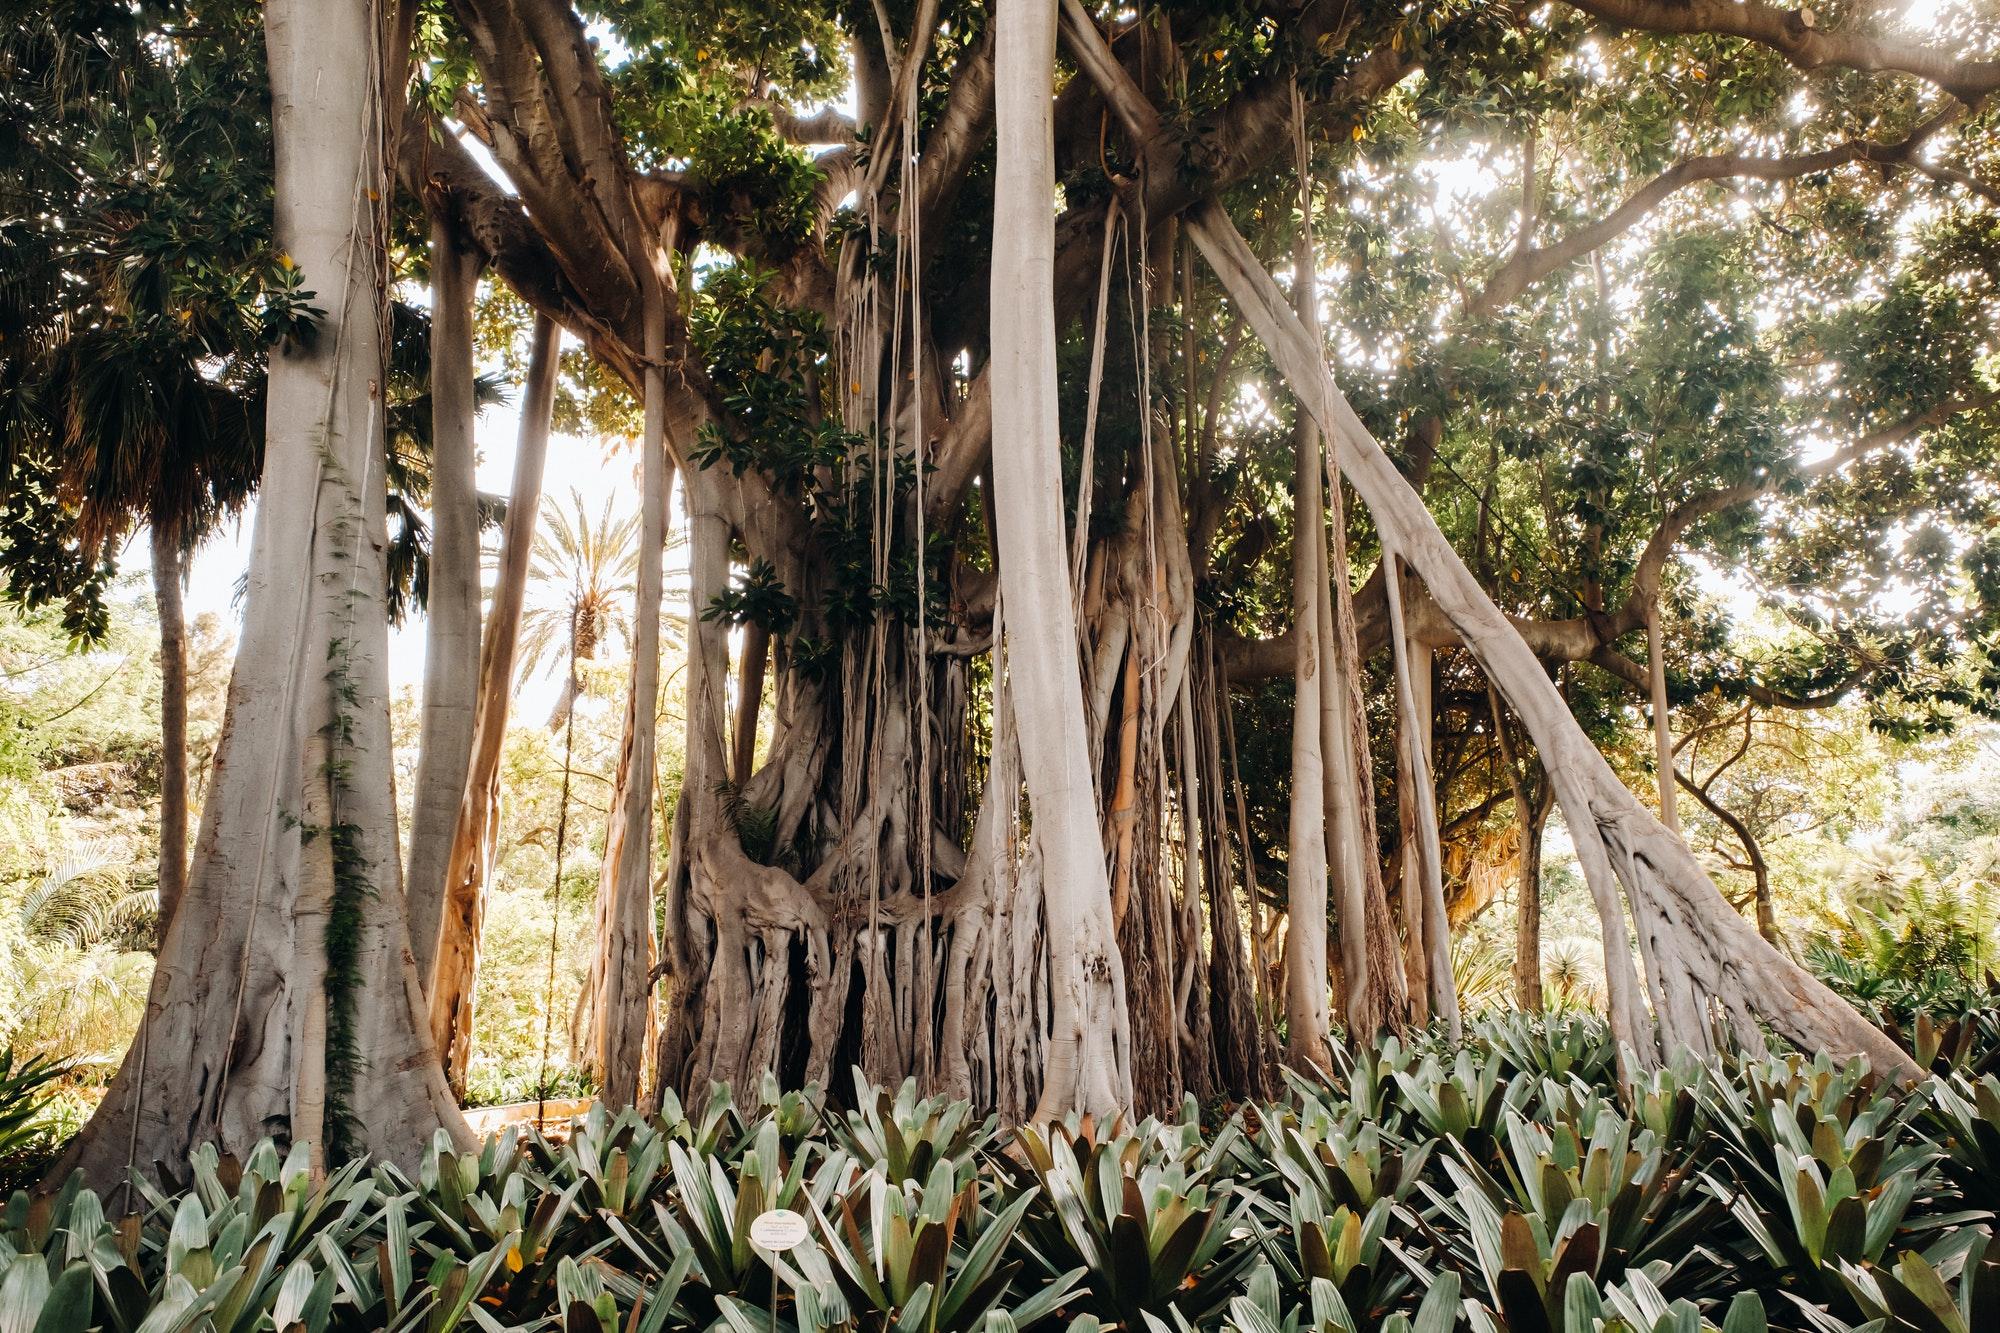 Giant ficus, Tropical plants of the Botanical Garden, Puerto de la Cruz in Tenerife, Canary Islands